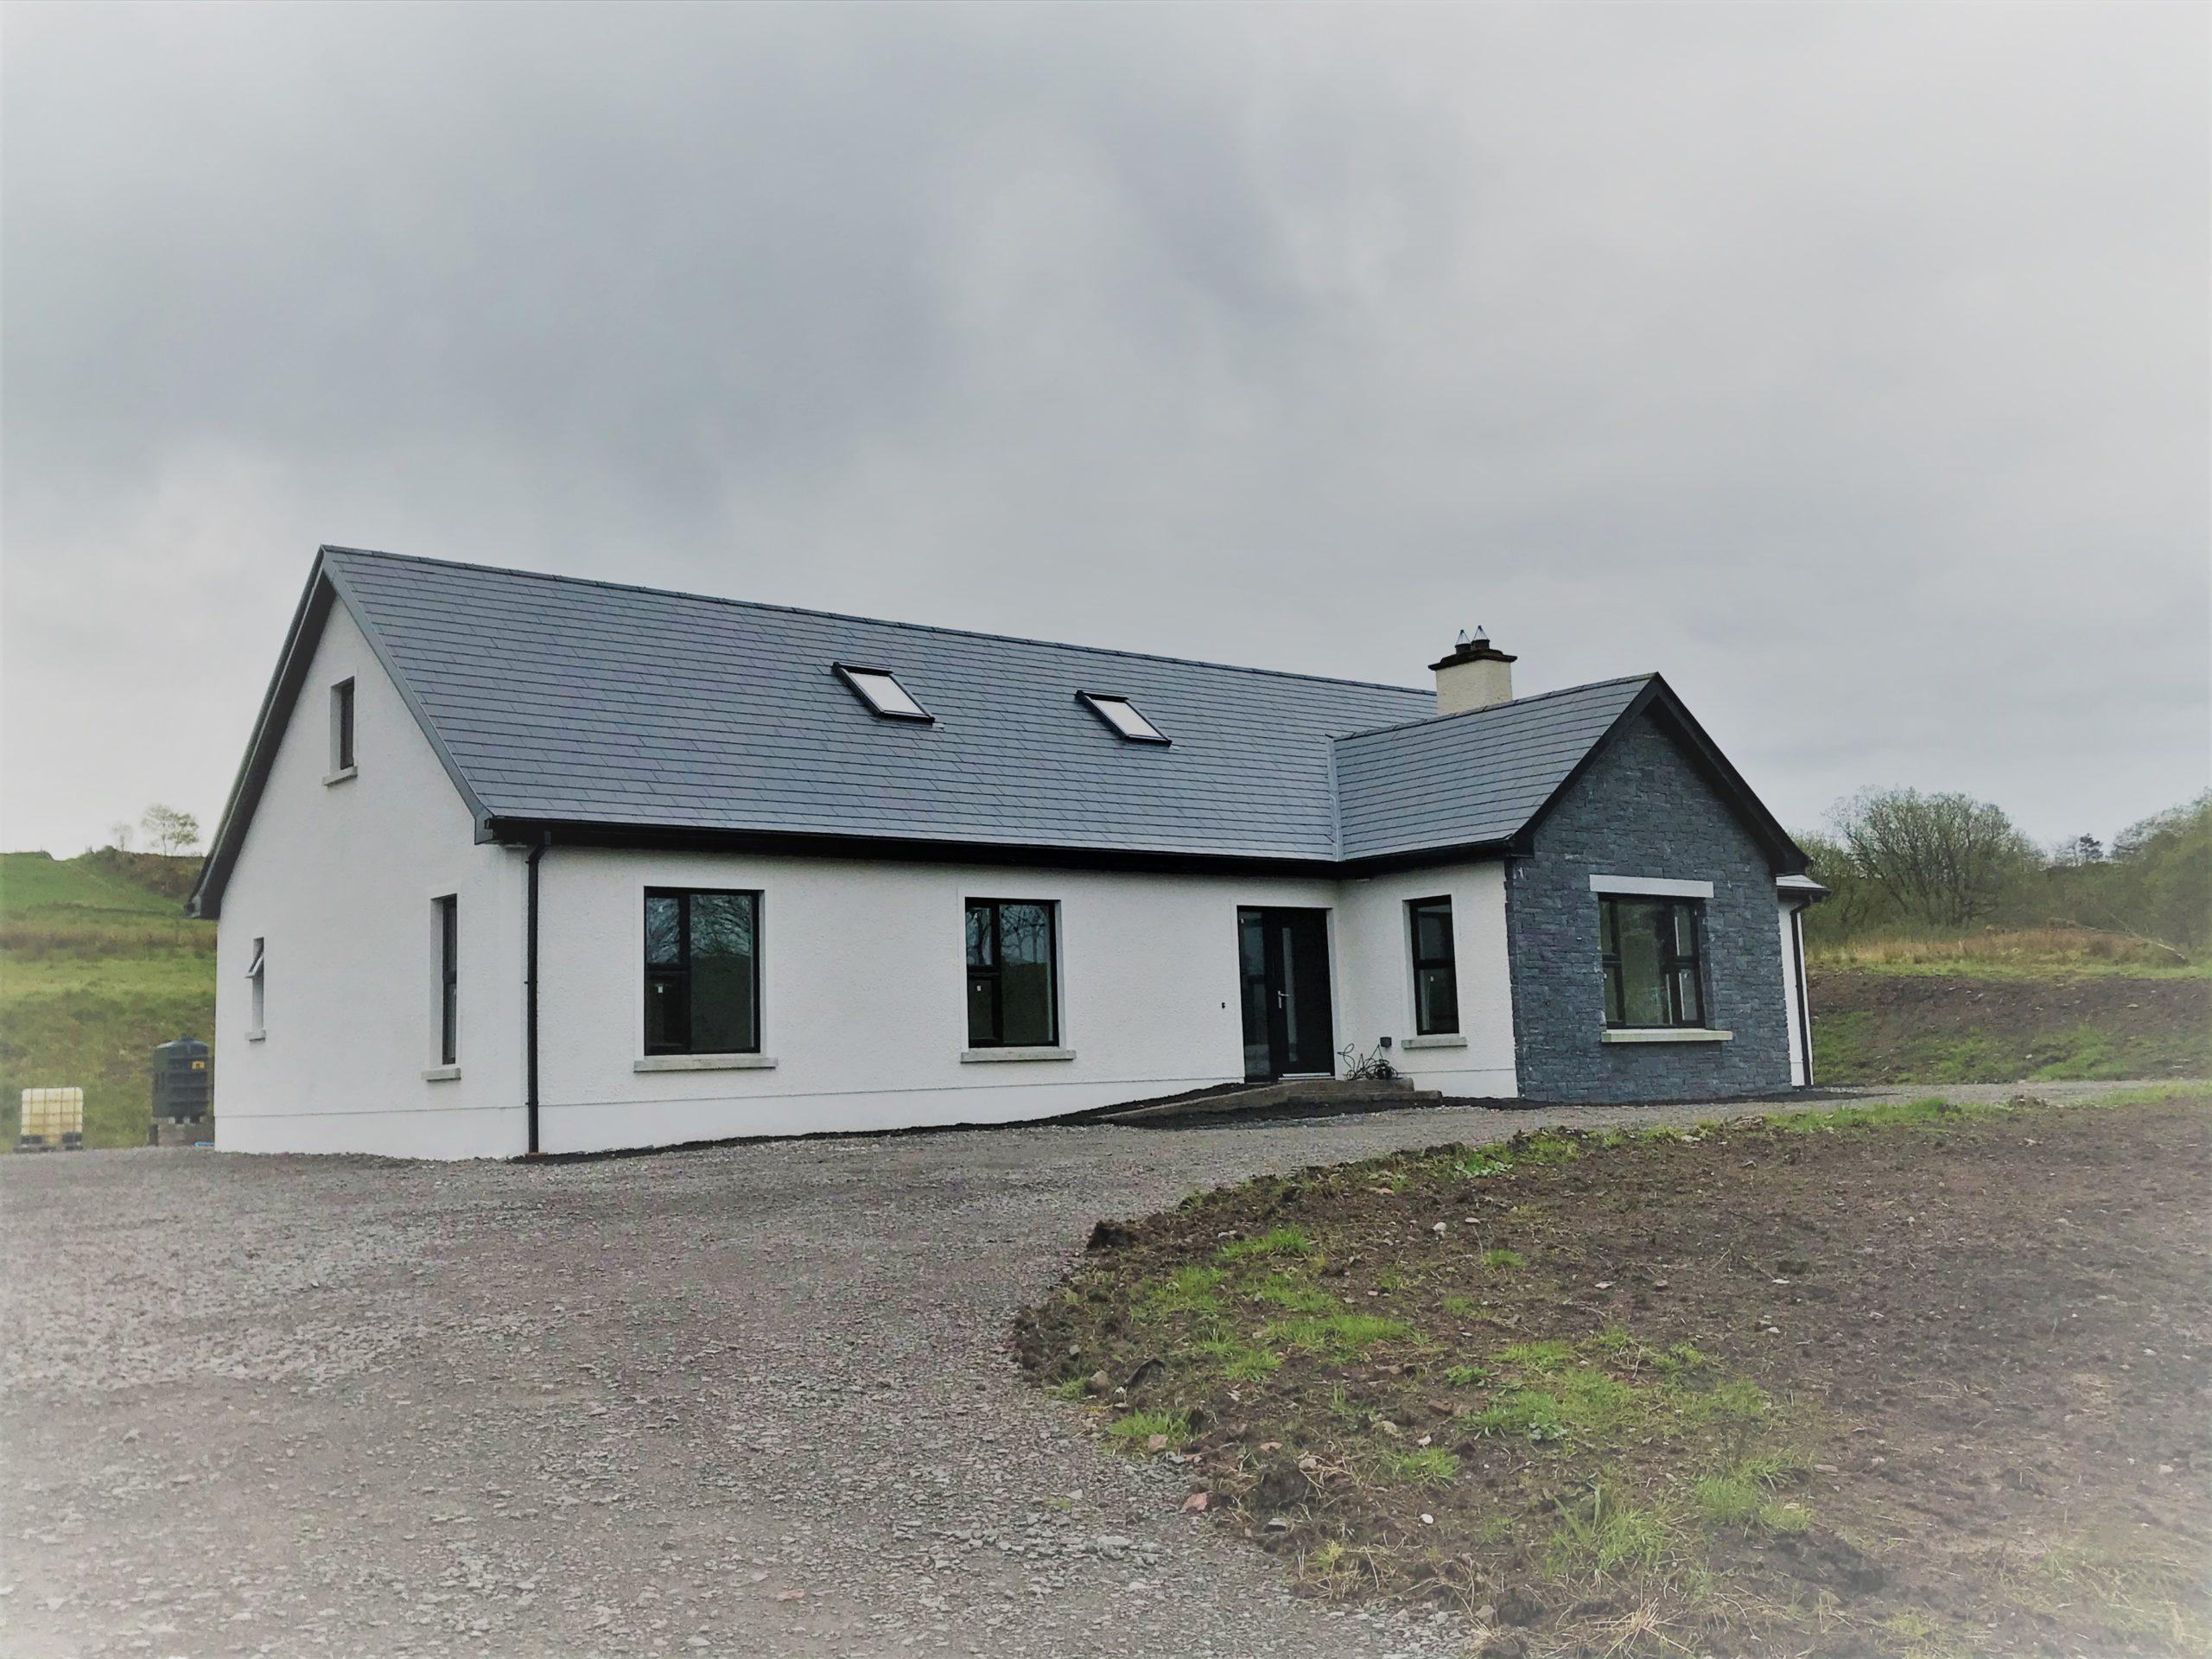 4 Bedroom New Build Bungalow – 24, Glengeen Road, Trillick